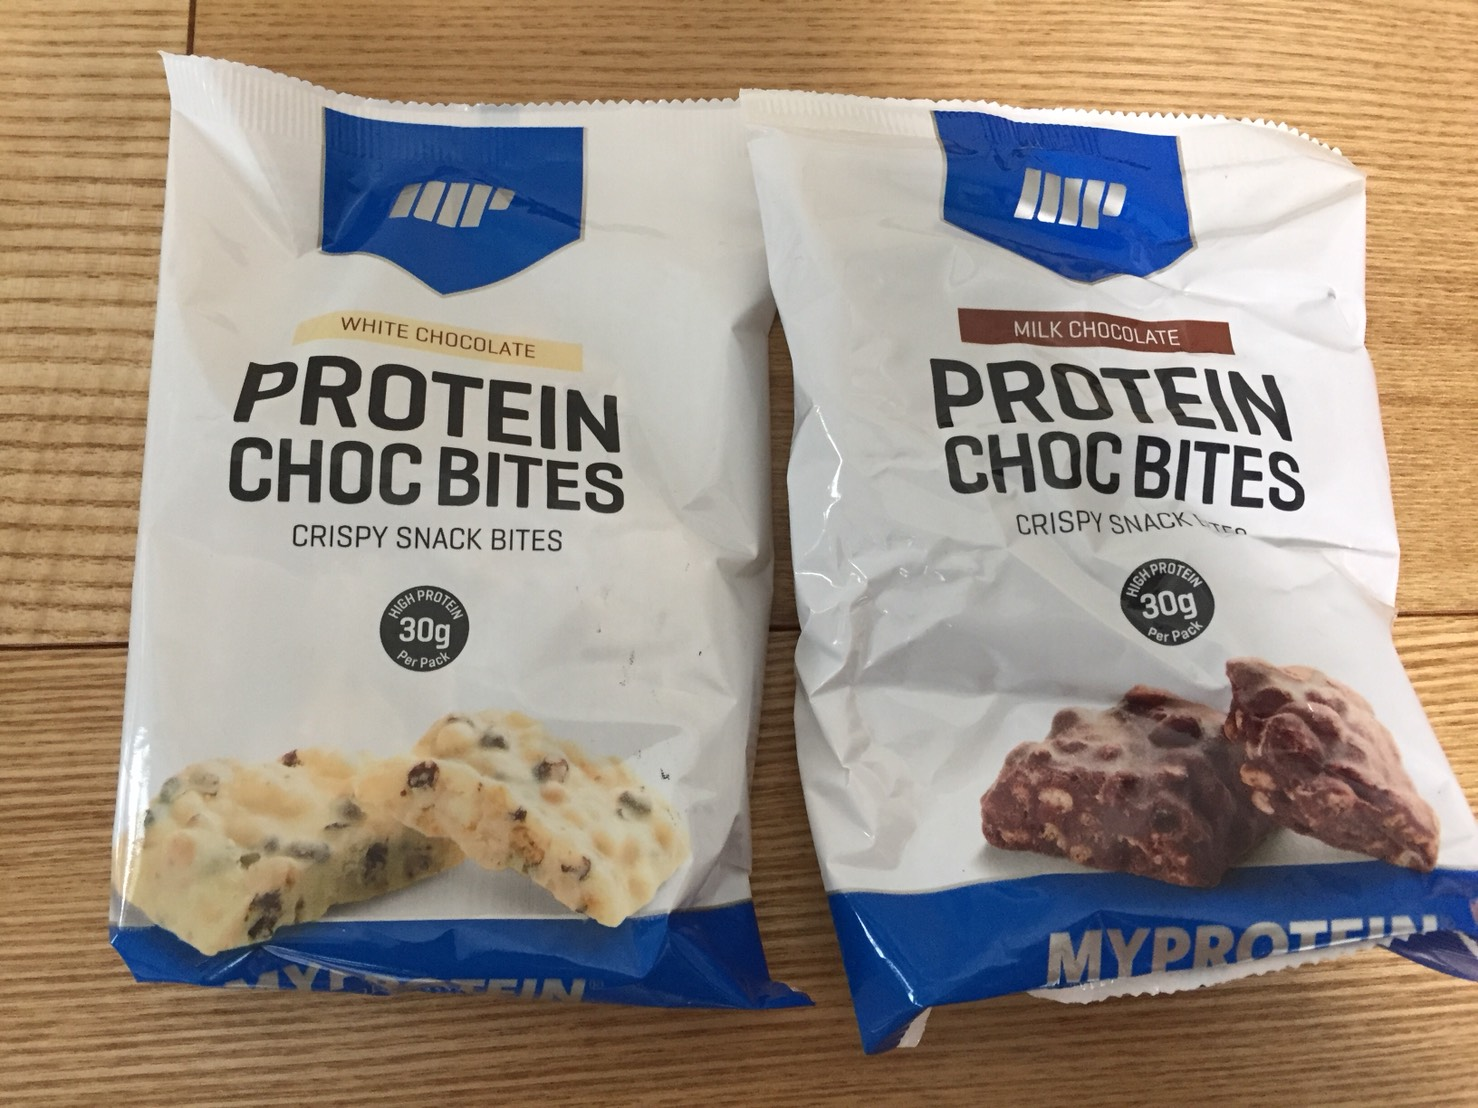 プロテインチョコバイト(PROTEIN CHOC BITES)の栄養素の確認